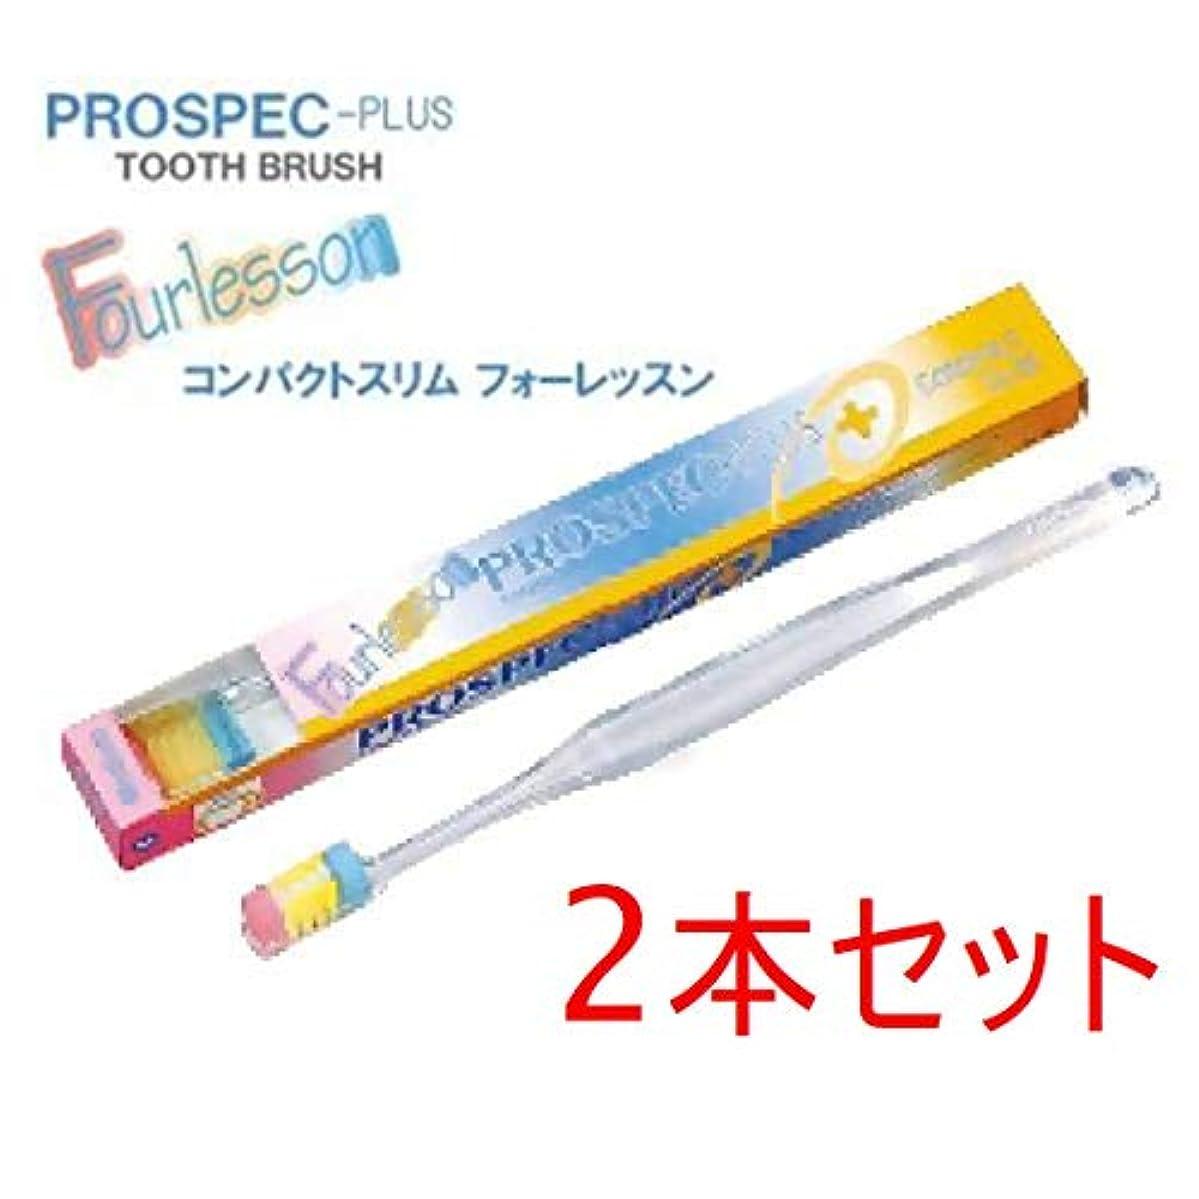 悔い改める死んでいる技術的なプロスペック 歯ブラシ コンパクトスリム 2本 フォーレッスン 毛の硬さ ふつう